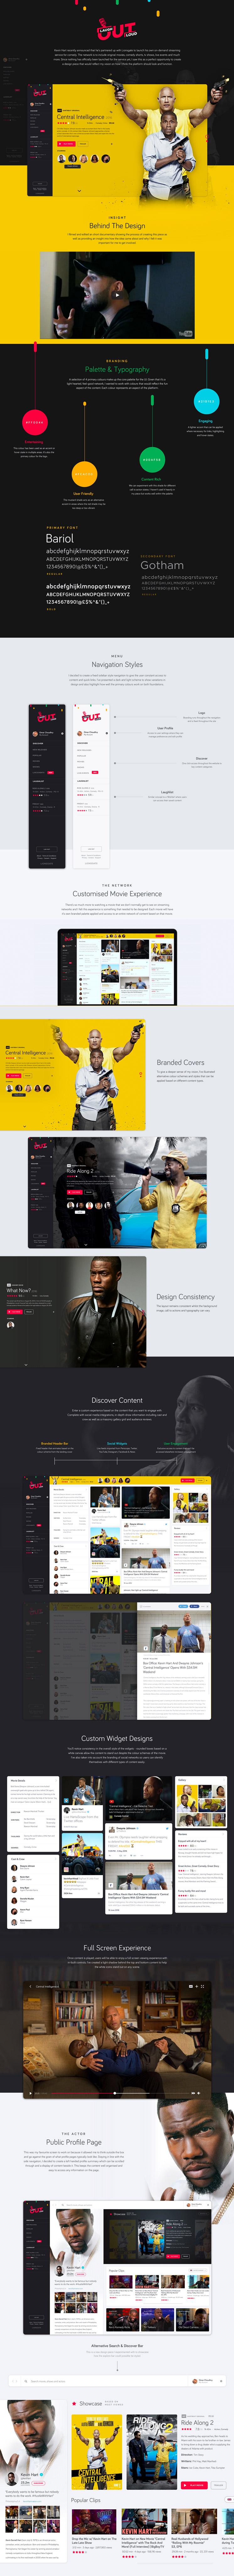 Kevin Harts Laugh Out Loud Network Uiux Concept Interactive Design Laugh Out Loud Website Design